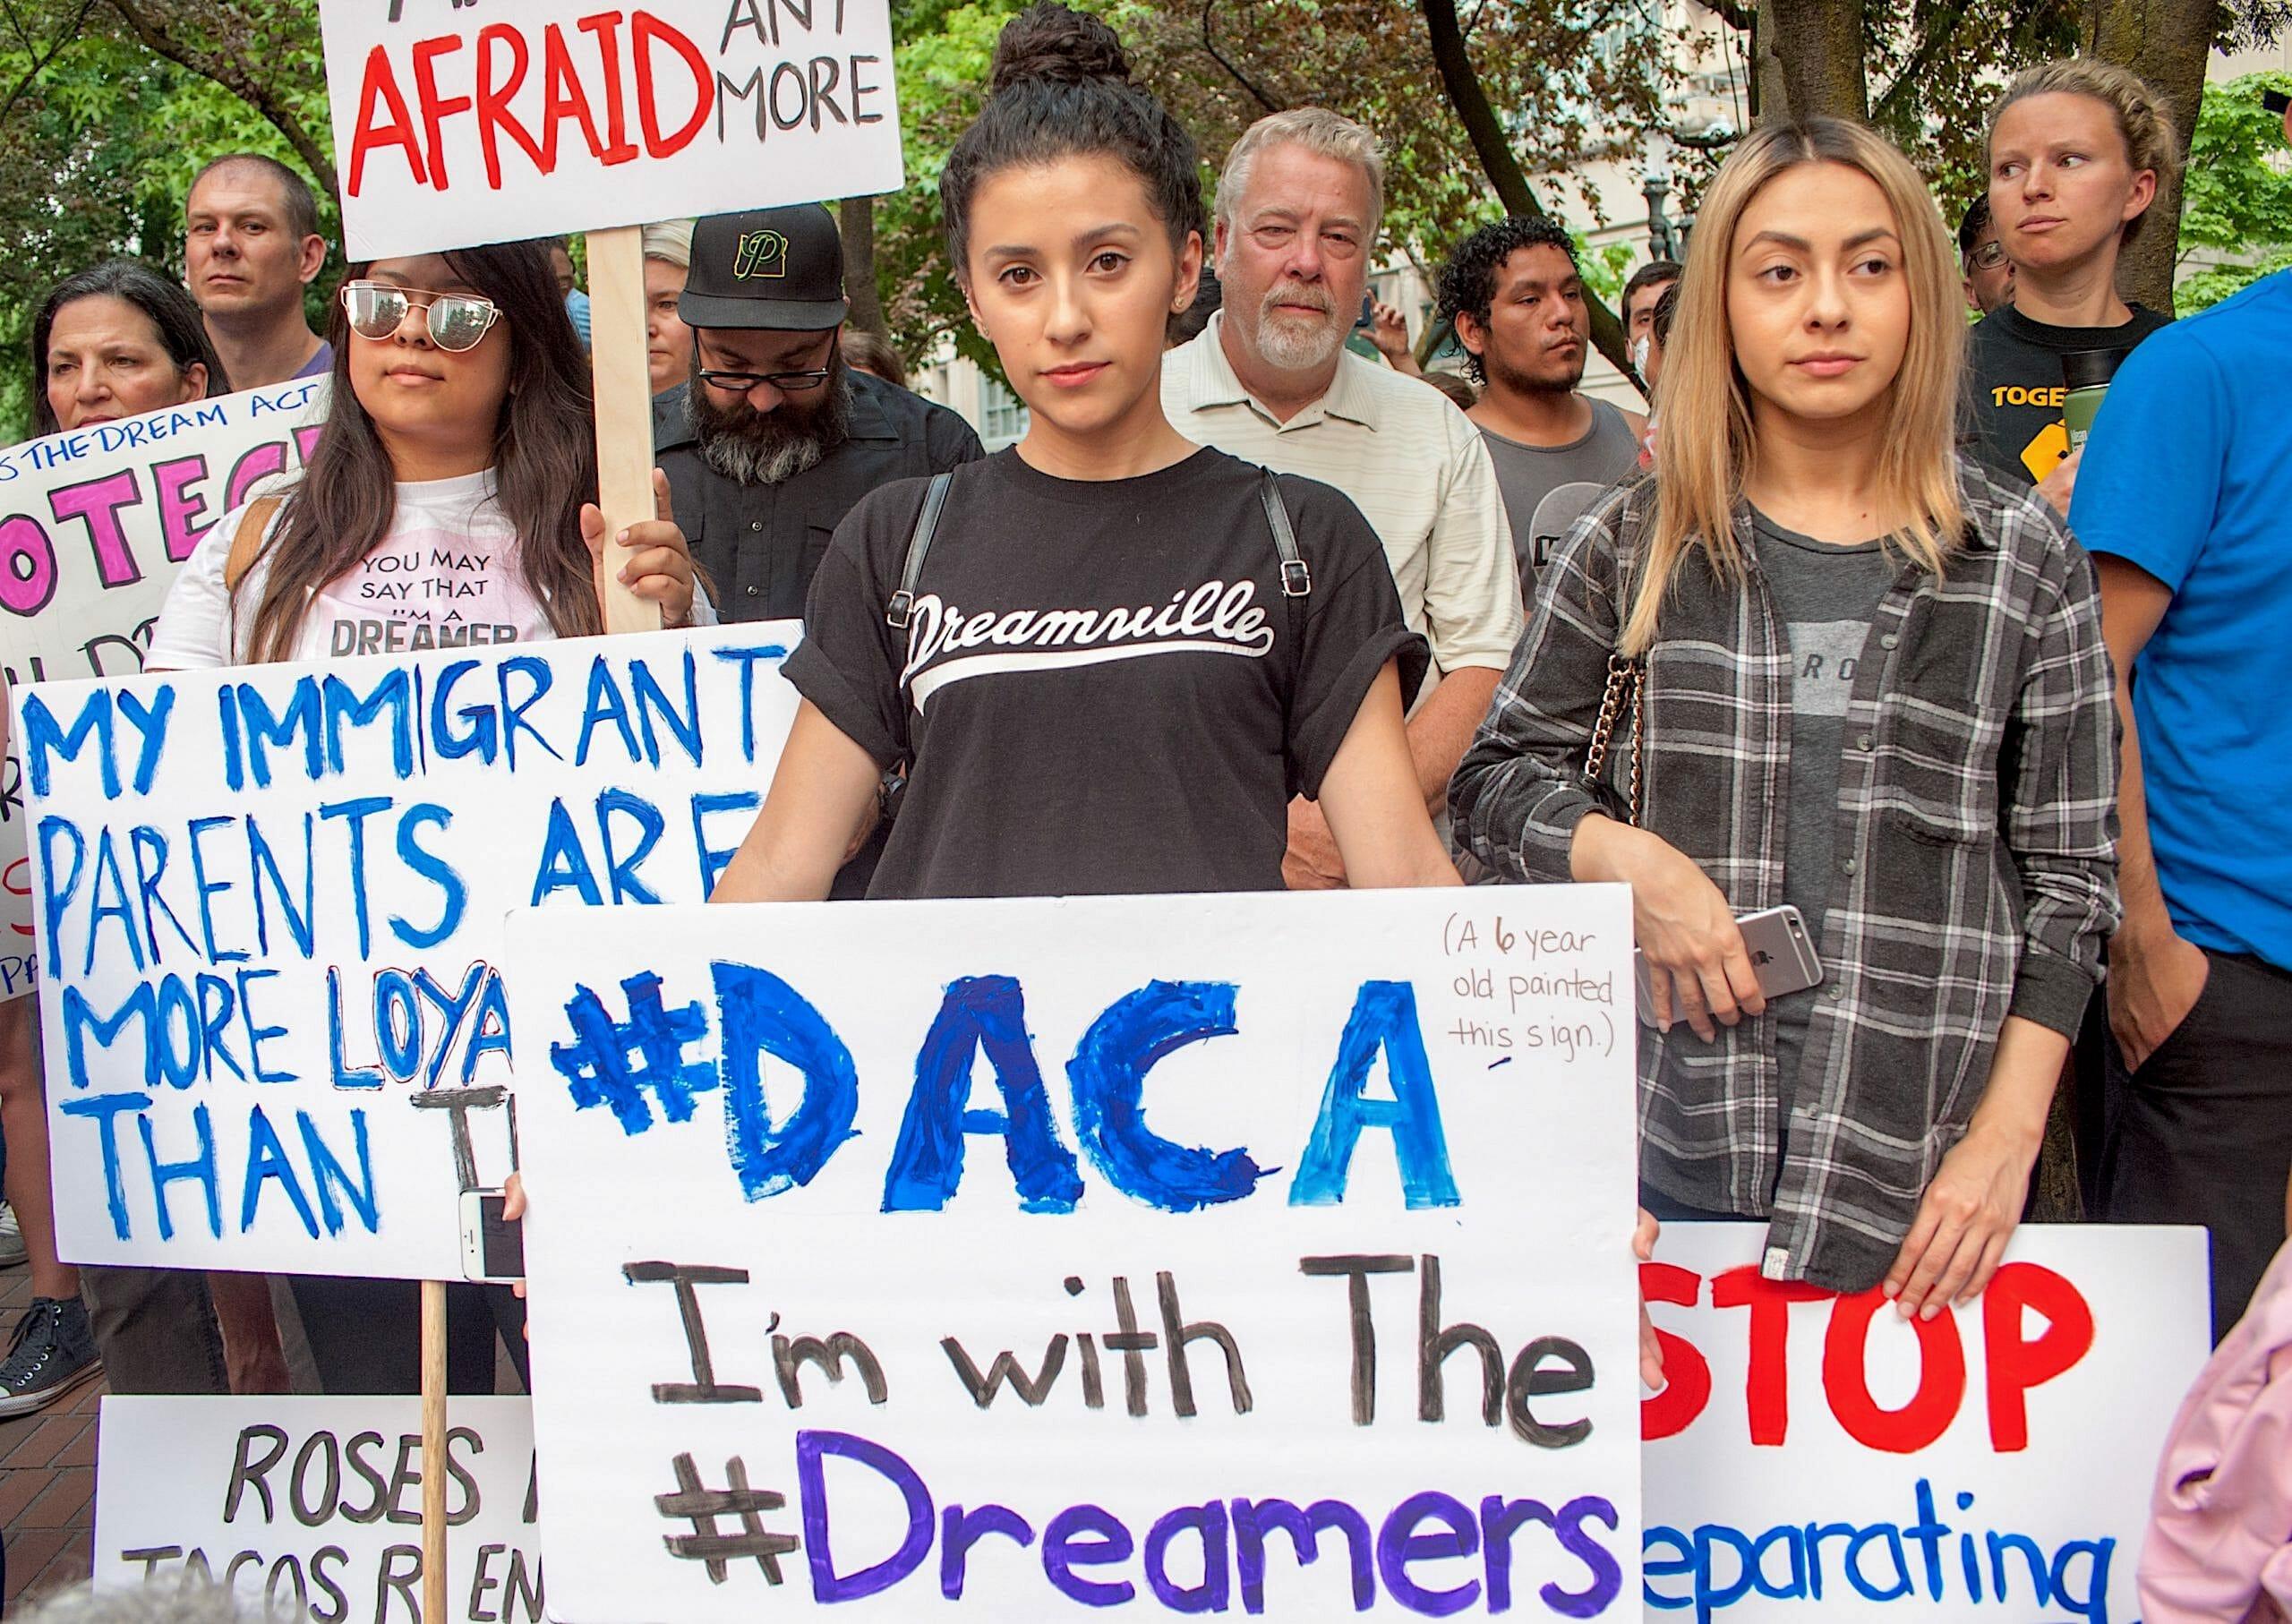 Joe Biden vil give 11 millioner indvandrere lovligt ophold i USA